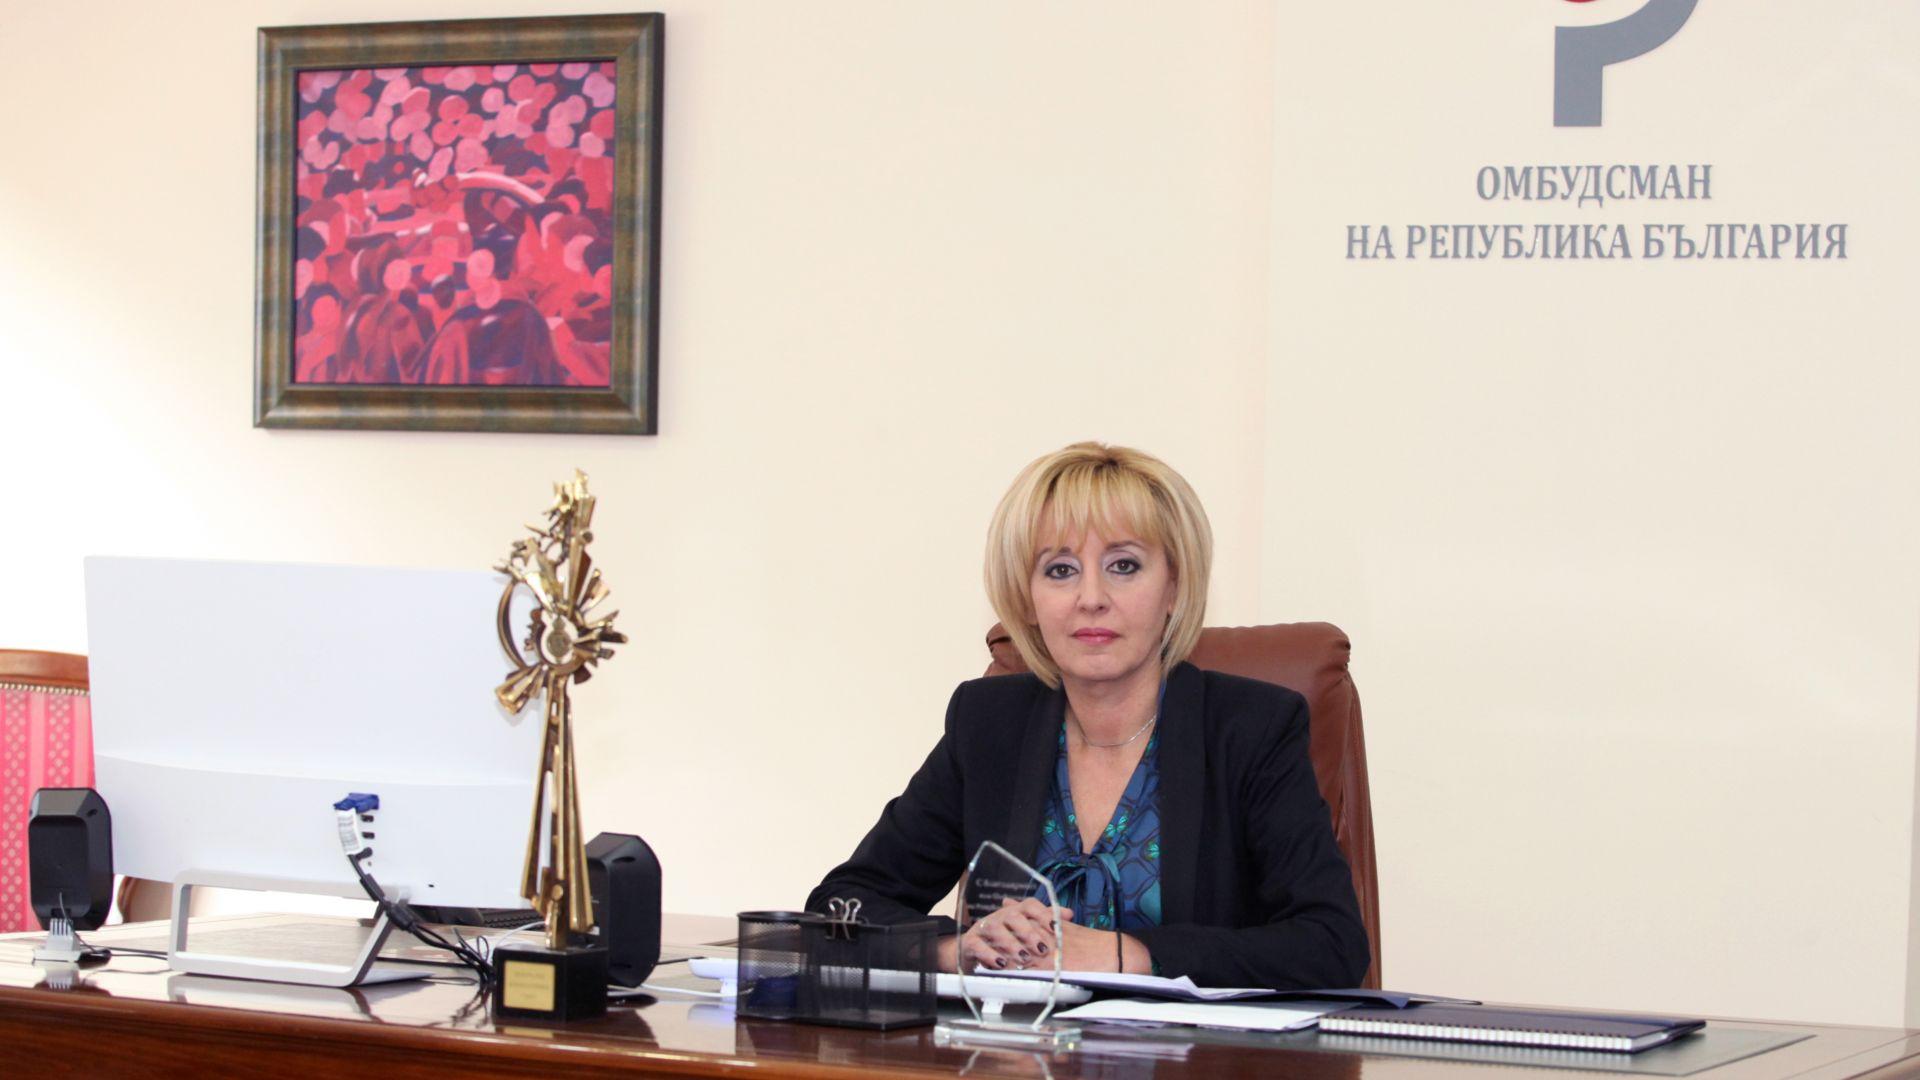 Манолова организира среща на шофьорите от ЦГМ със СОС и кмета